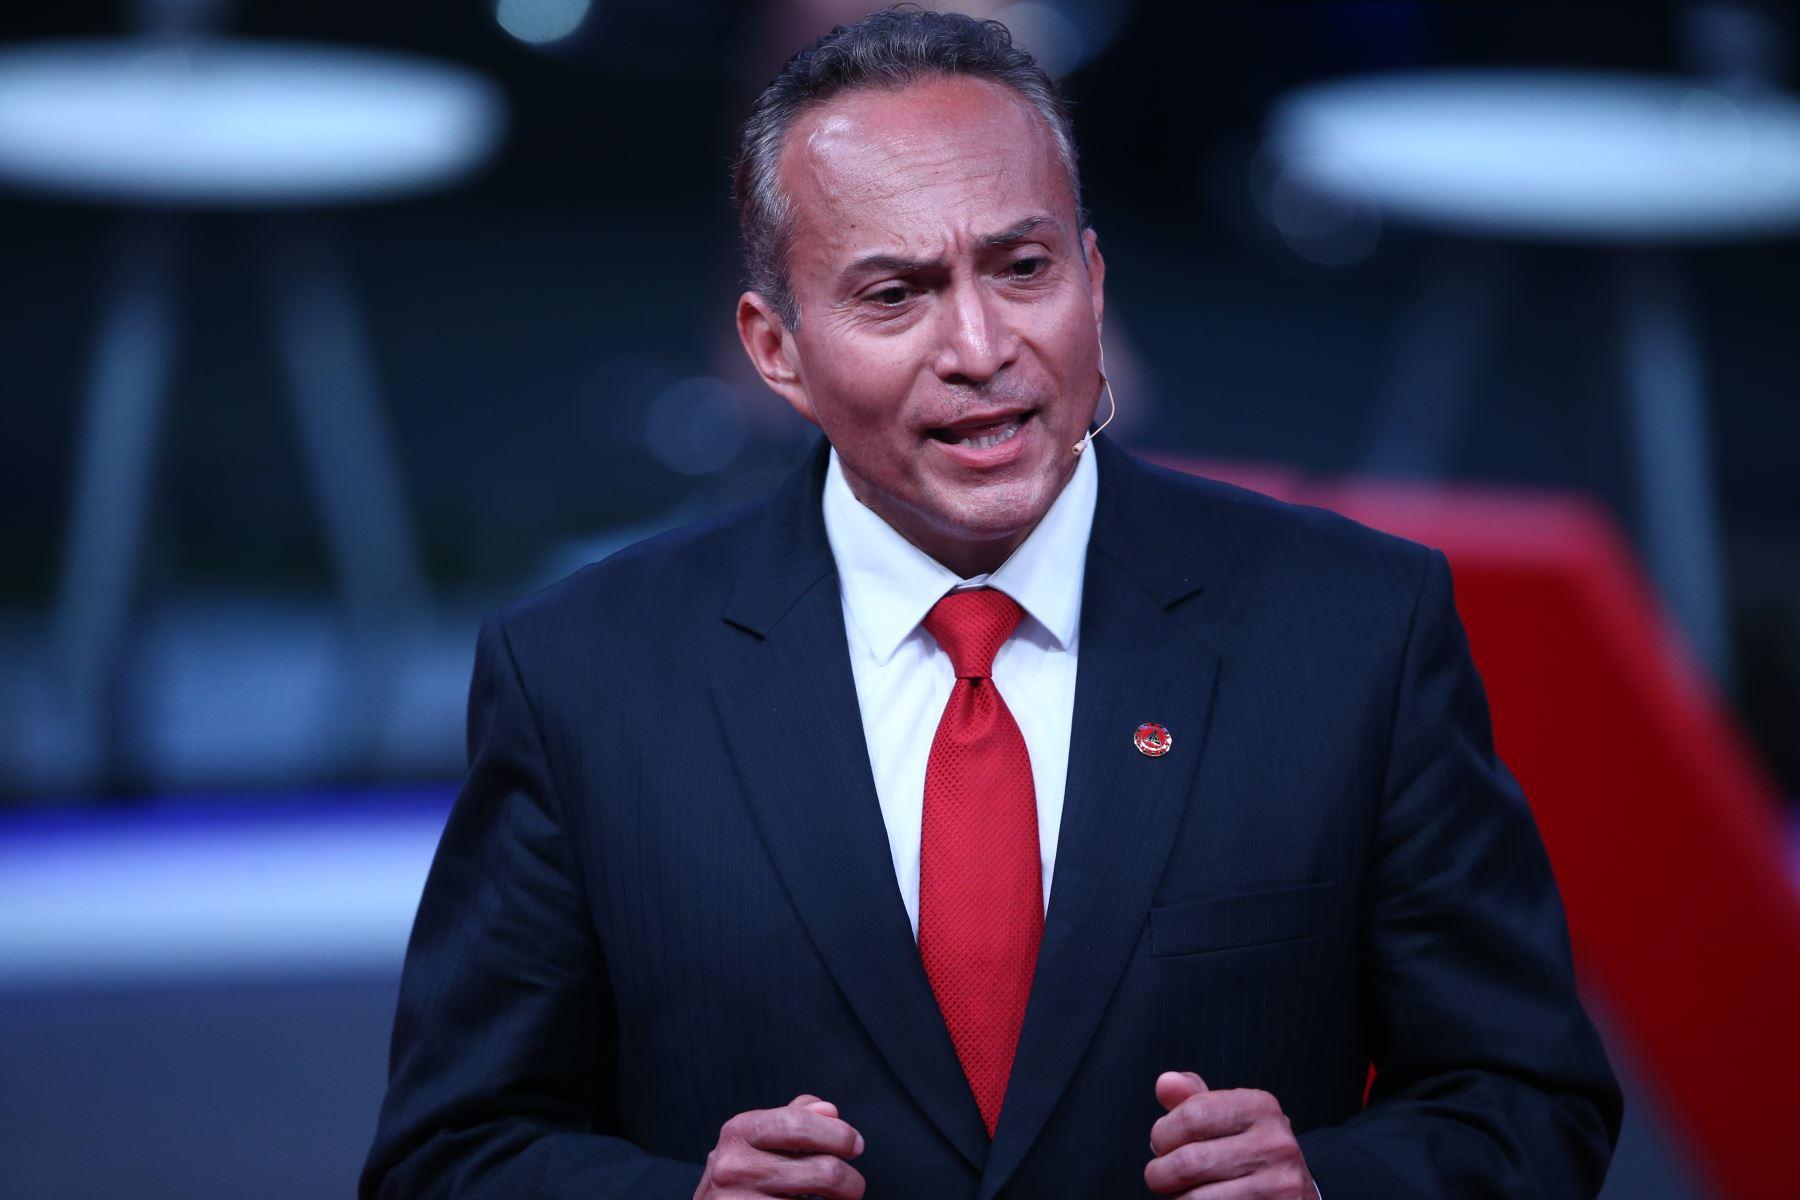 Carlos Repetto Castro, candidato al Congreso por Unión por el Perú participa en tercer debate de Lima Metropolitana organizado por JNE. Foto: ANDINA/Vidal Tarqui